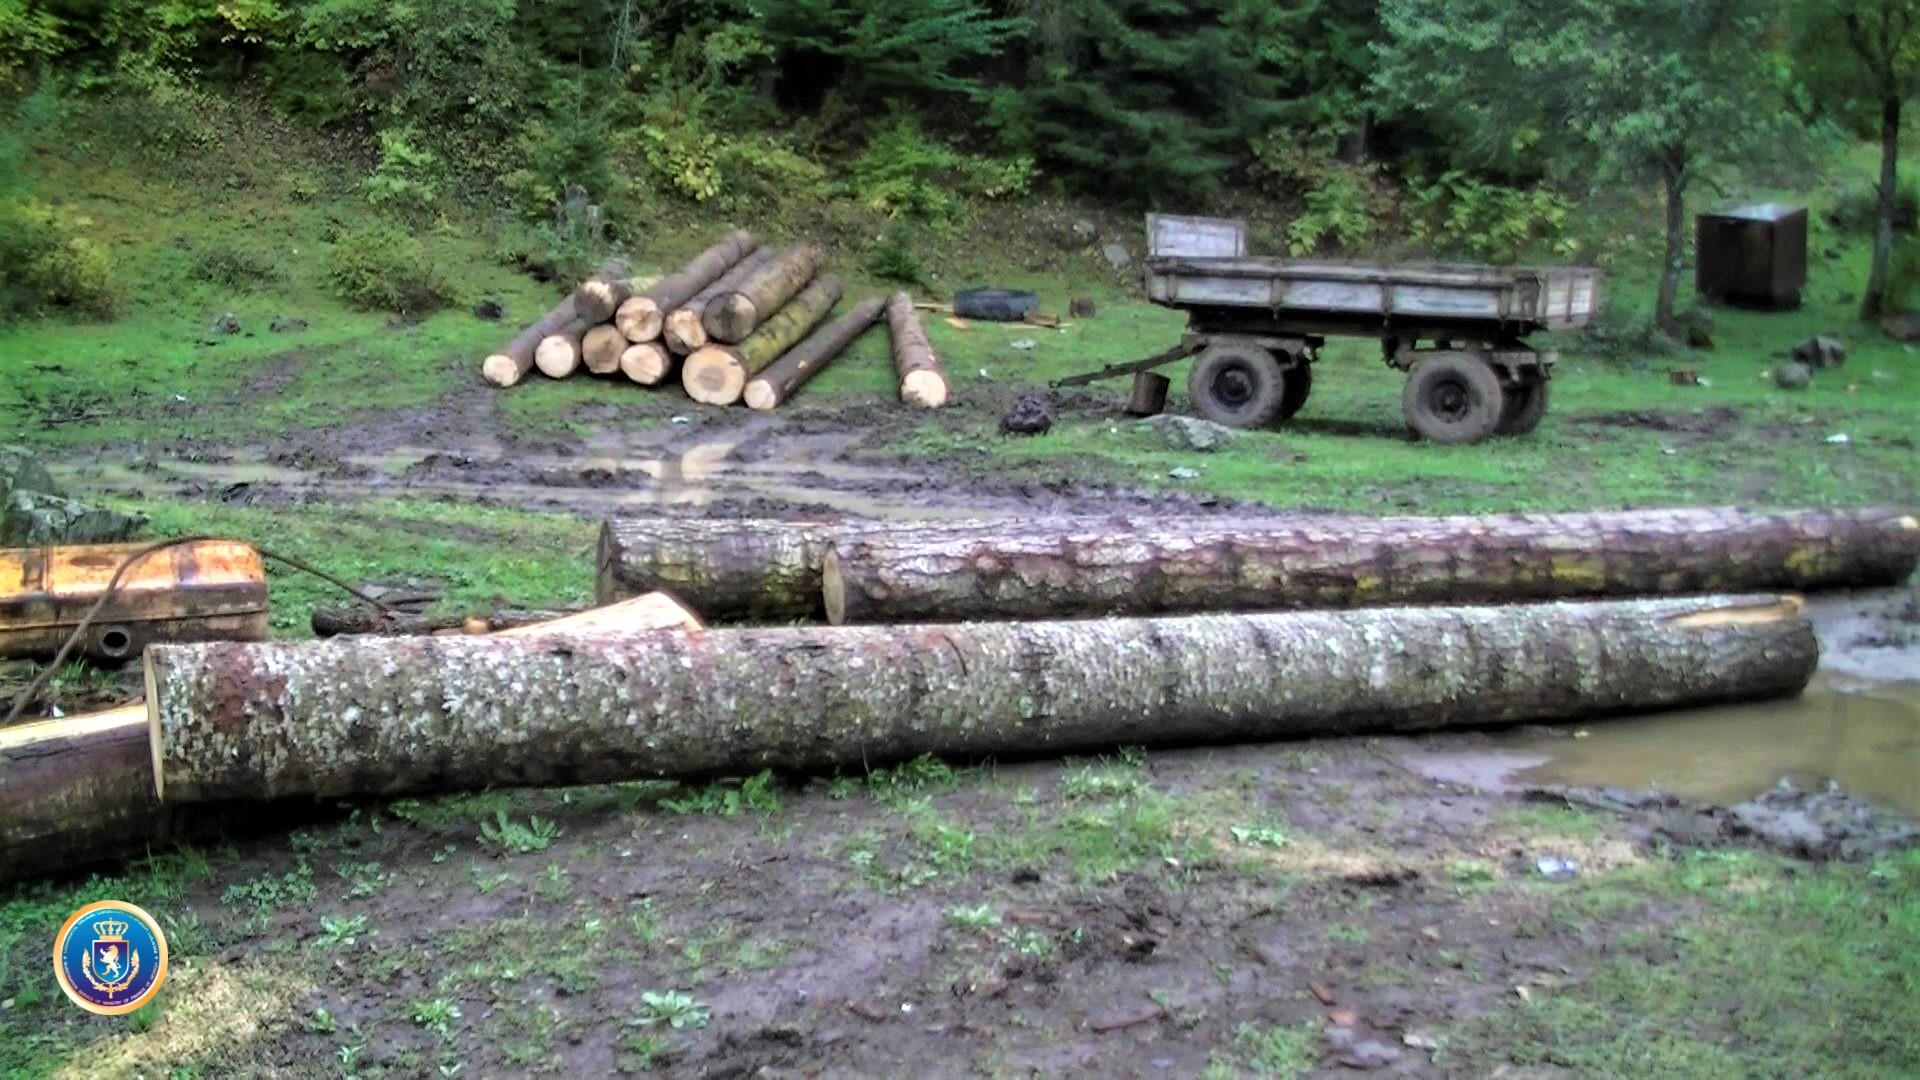 უკანონოდ გაჩეხილი ხეები. ფოტო: ფინანსთა სამინისტრო